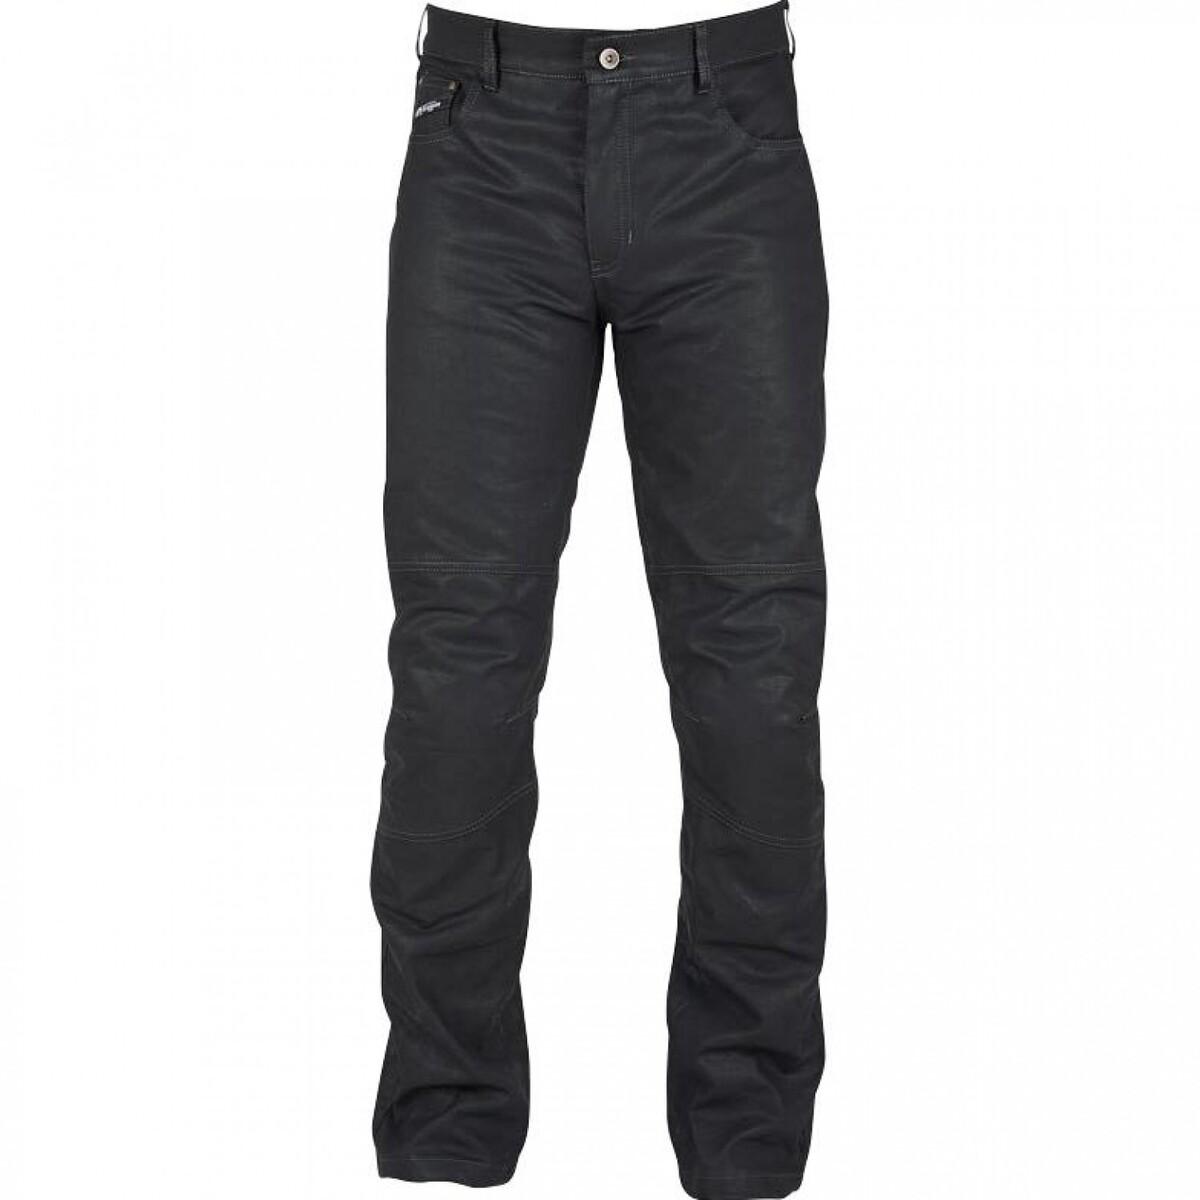 Bild 1 von Furygan Jeans D02 Oil schwarz Herren Größe 46